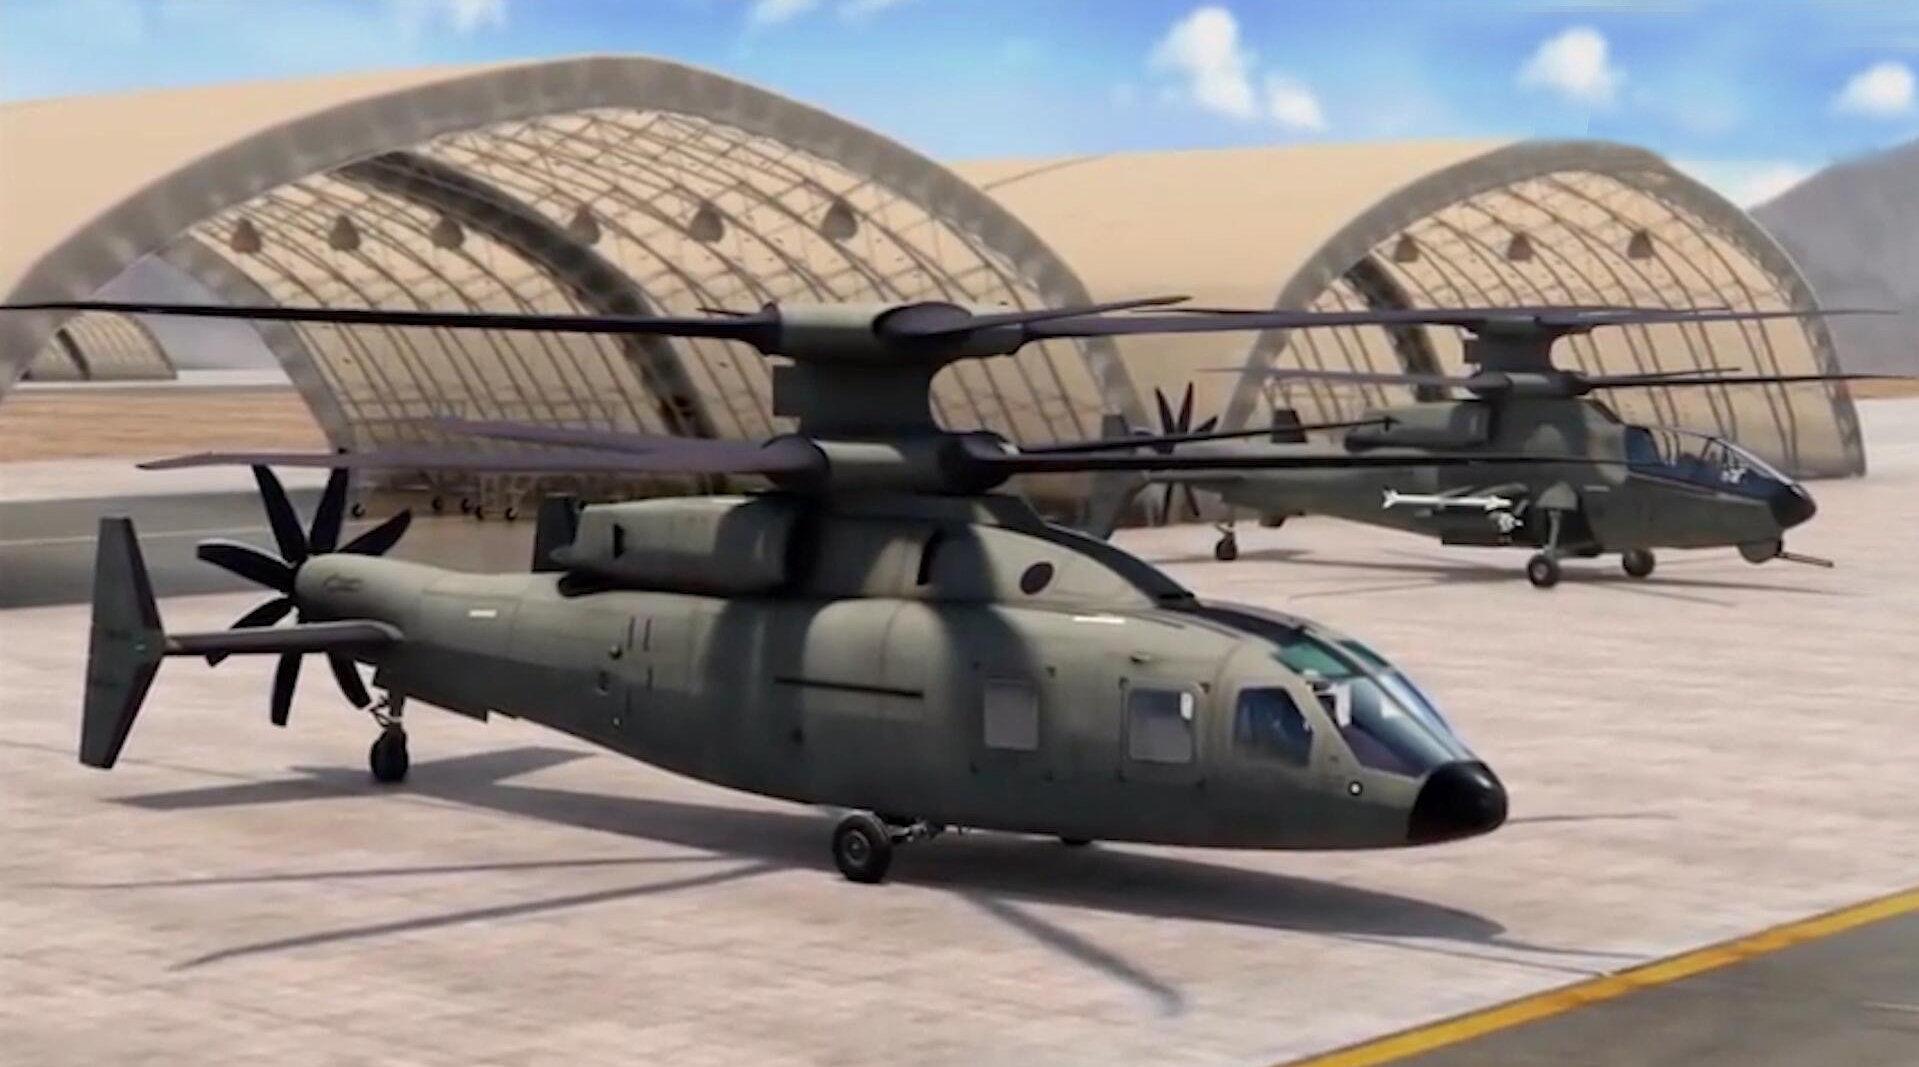 未来的武装直升机究竟有多强大?西科斯基和波音联手告诉你答案!